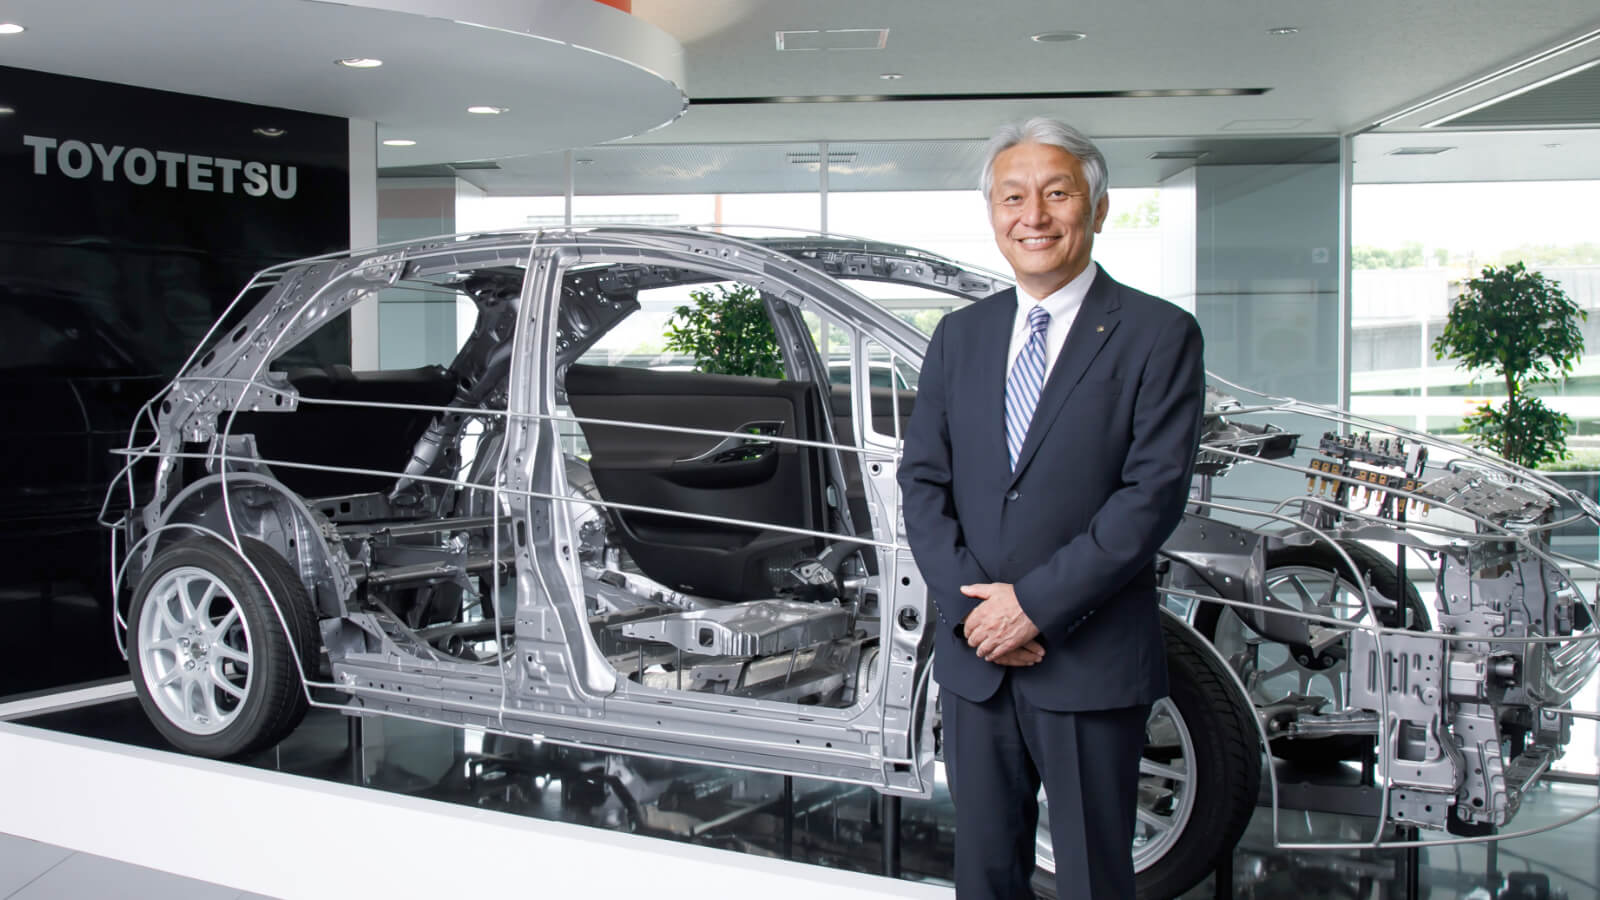 豊田鉃工株式会社 取締役社長 岩瀬 次郎